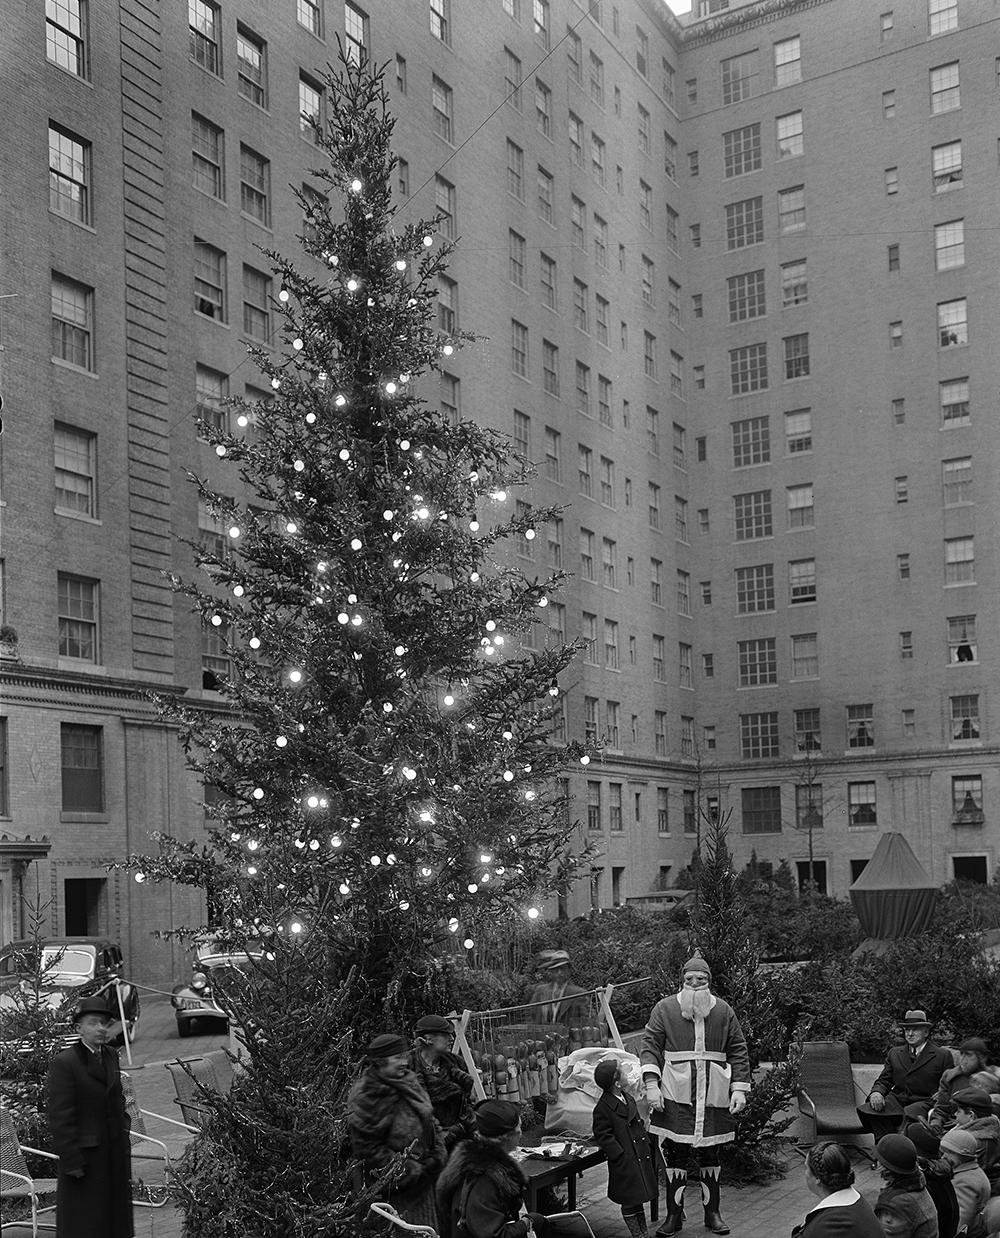 Trung tâm Thương mại Rockefeller